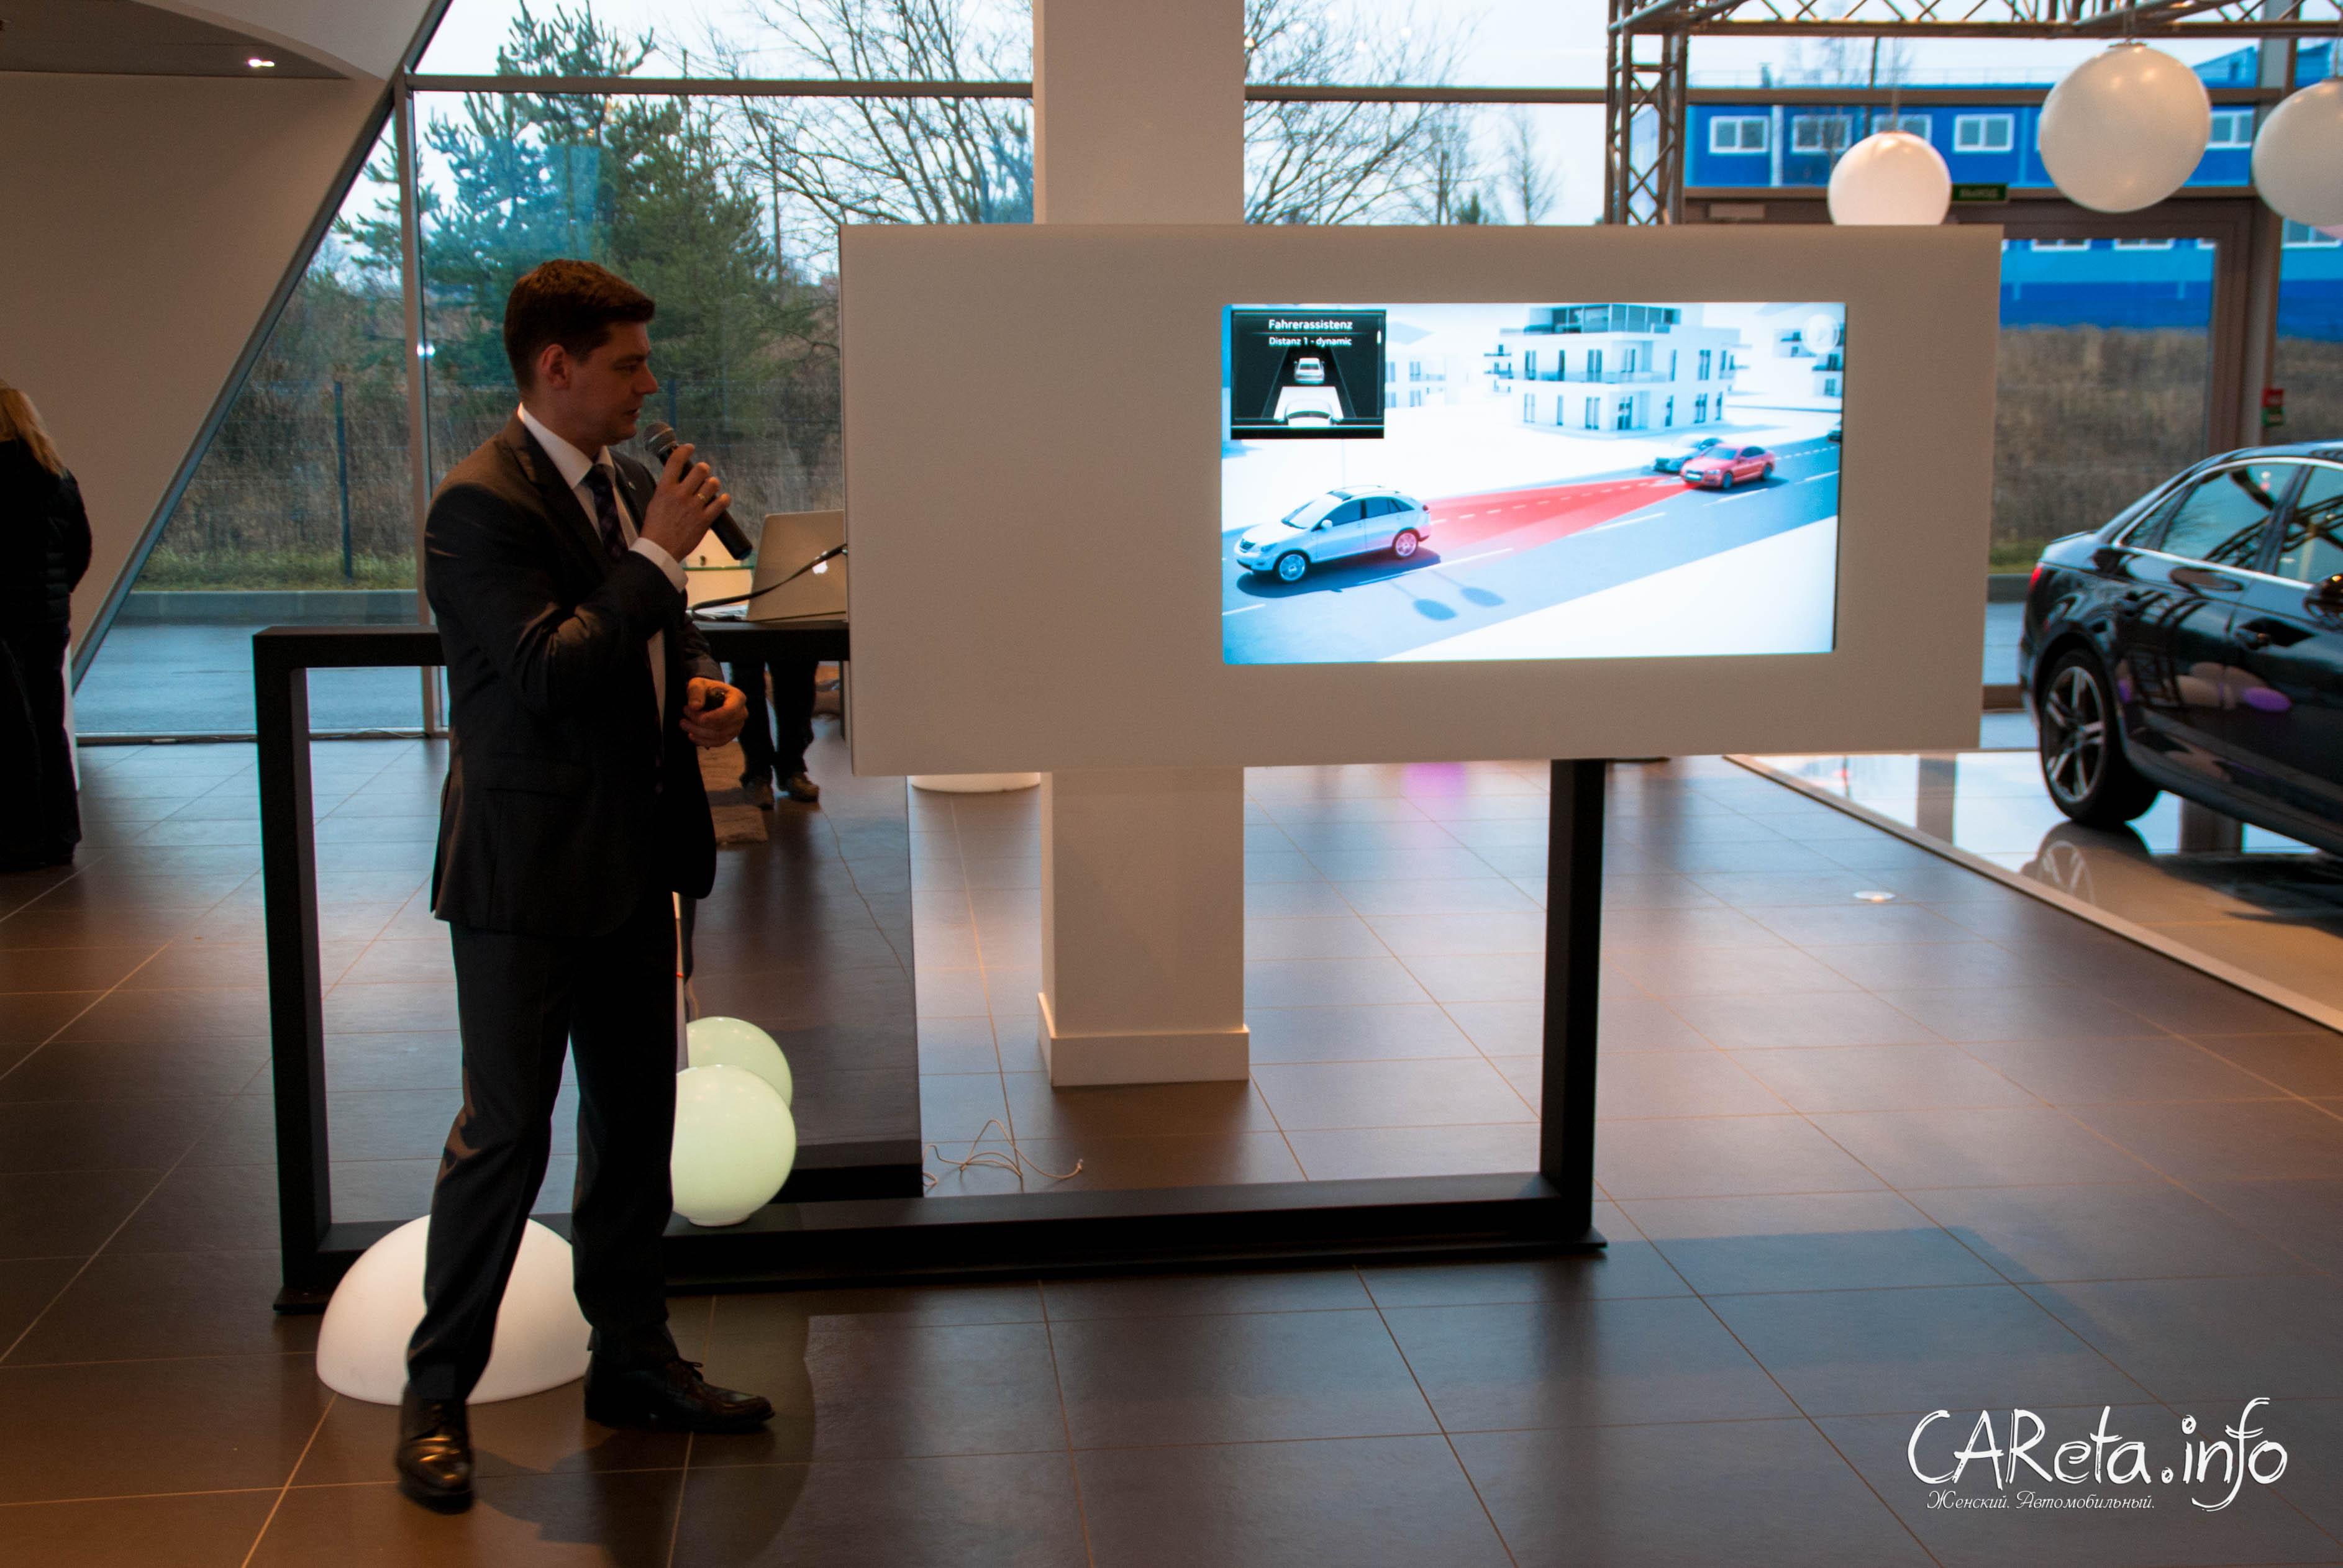 Audi A4 в Ауди Центр Выборгский: прикоснуться к будущему